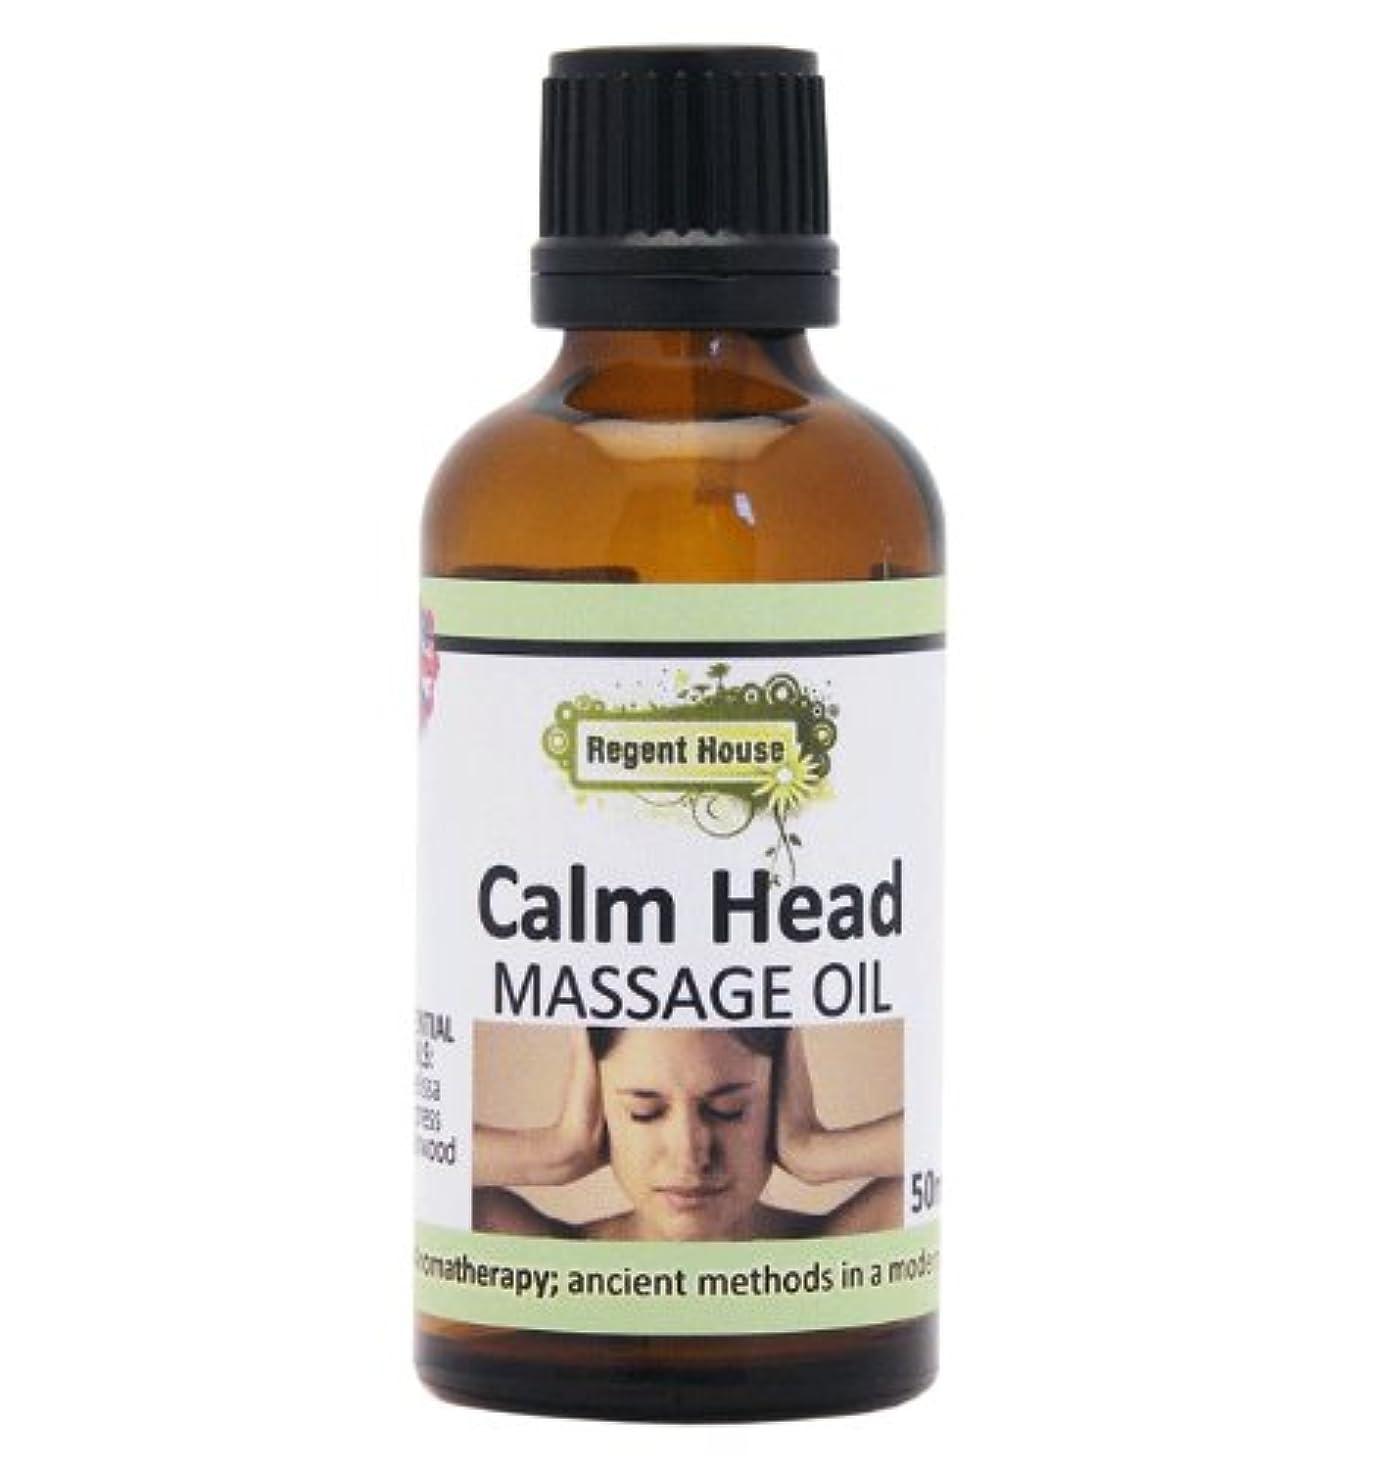 食い違い運賃ブラシ天然の精油がたっぷり入って、この値段。 アロマ ナチュラル マッサージオイル 50ml カームヘッド(Aroma Massage Oil Calm Head)